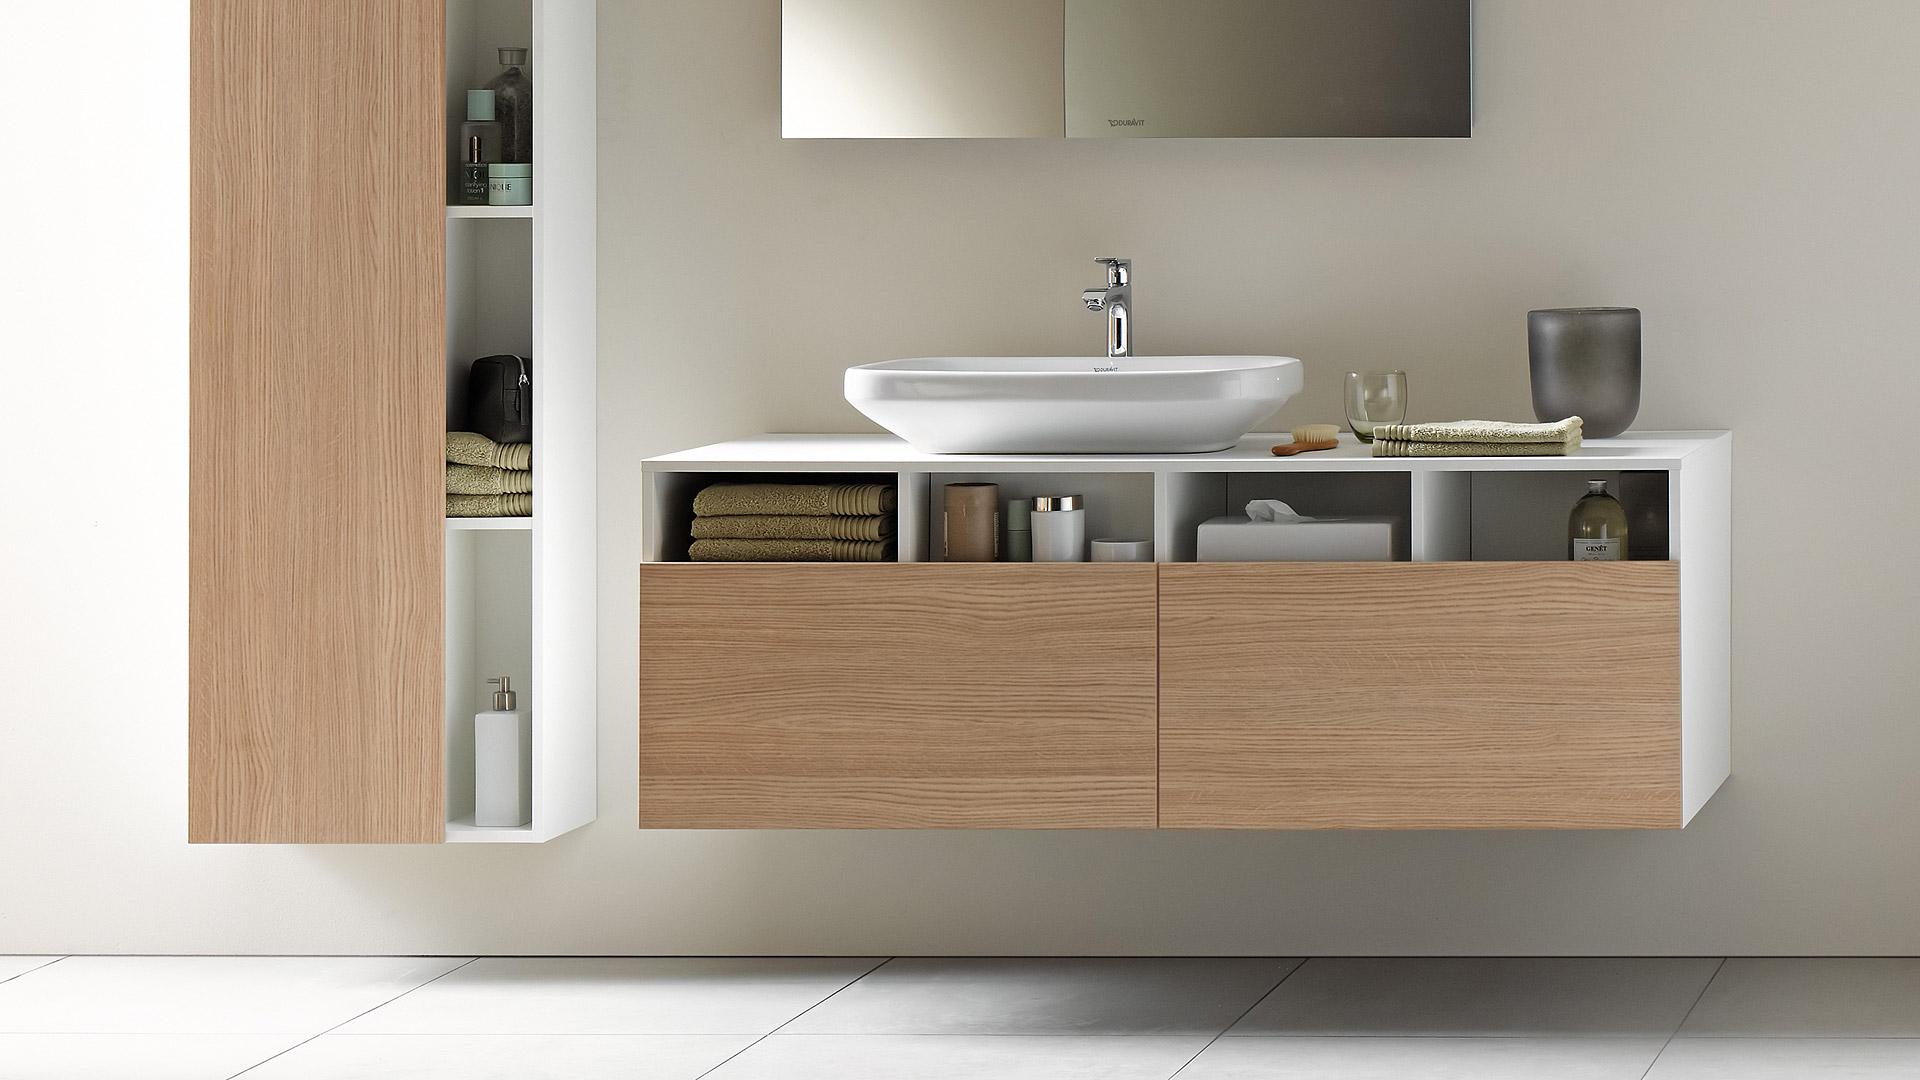 Poser Une Baignoire Avec Rebord durastyle : lavabos, baignoires, wc et plus   duravit